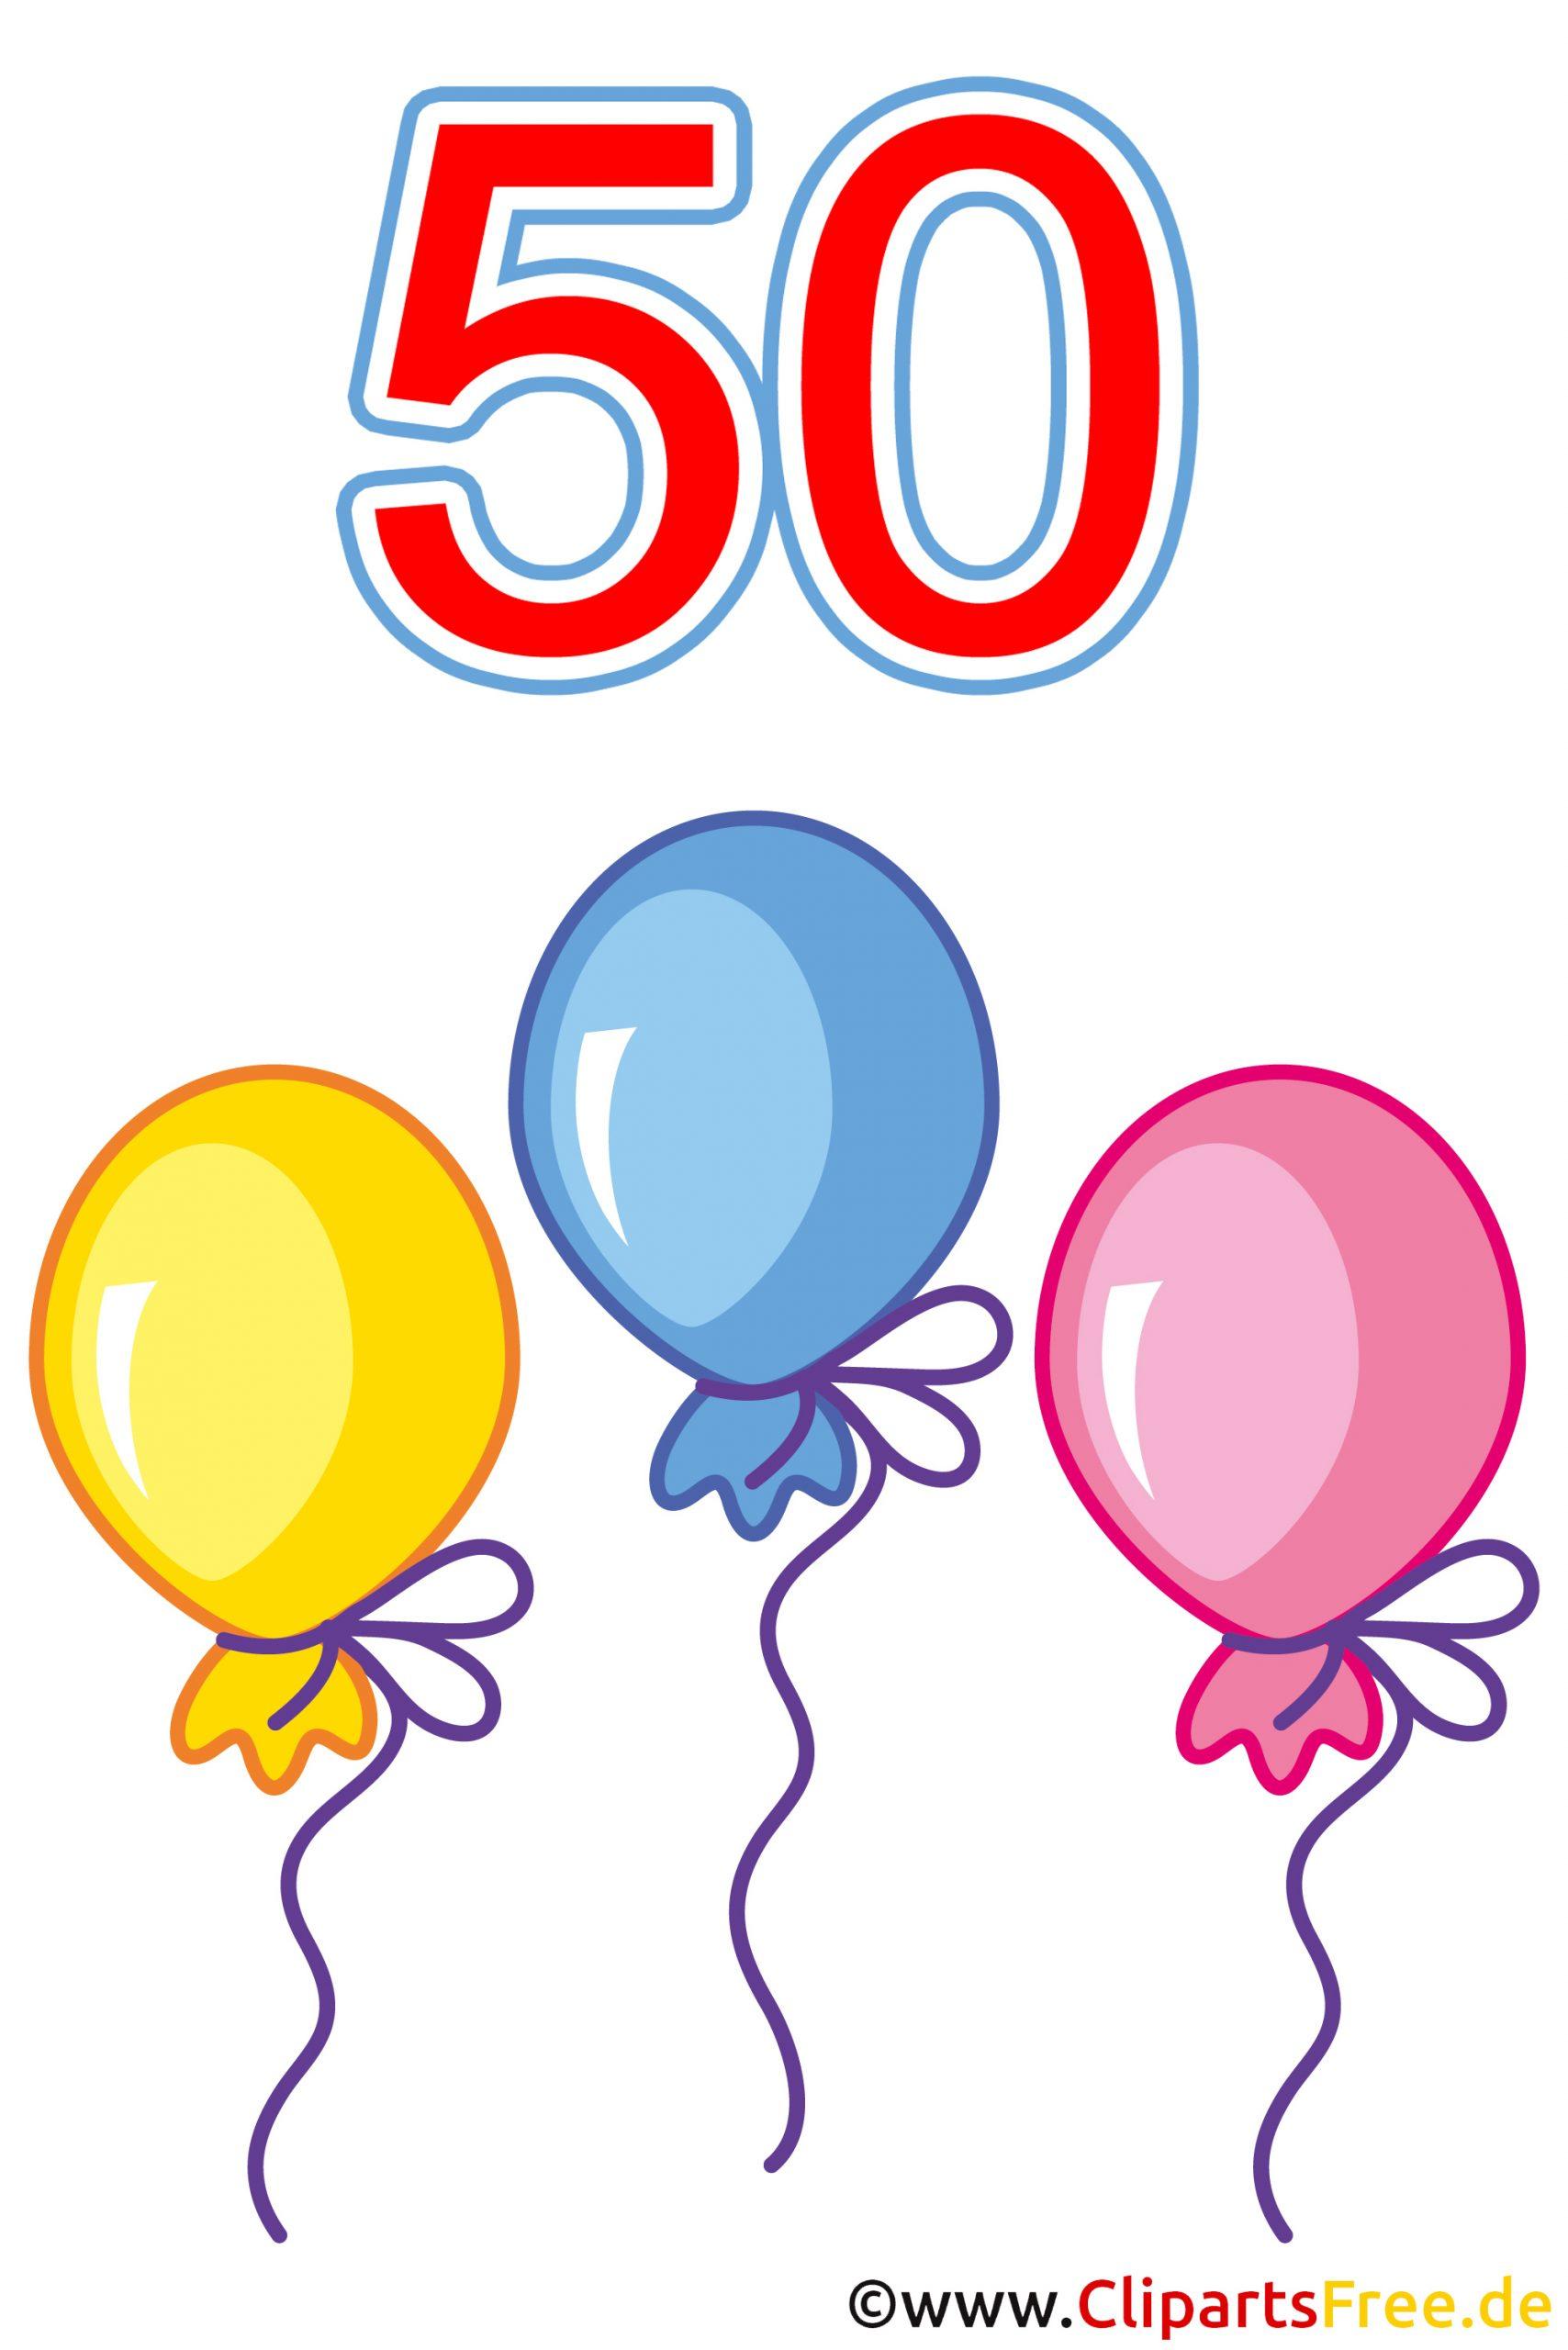 50 Geburtstag Bilder Gratis bestimmt für Geburtstagsbilder Zum Ausdrucken Kostenlos